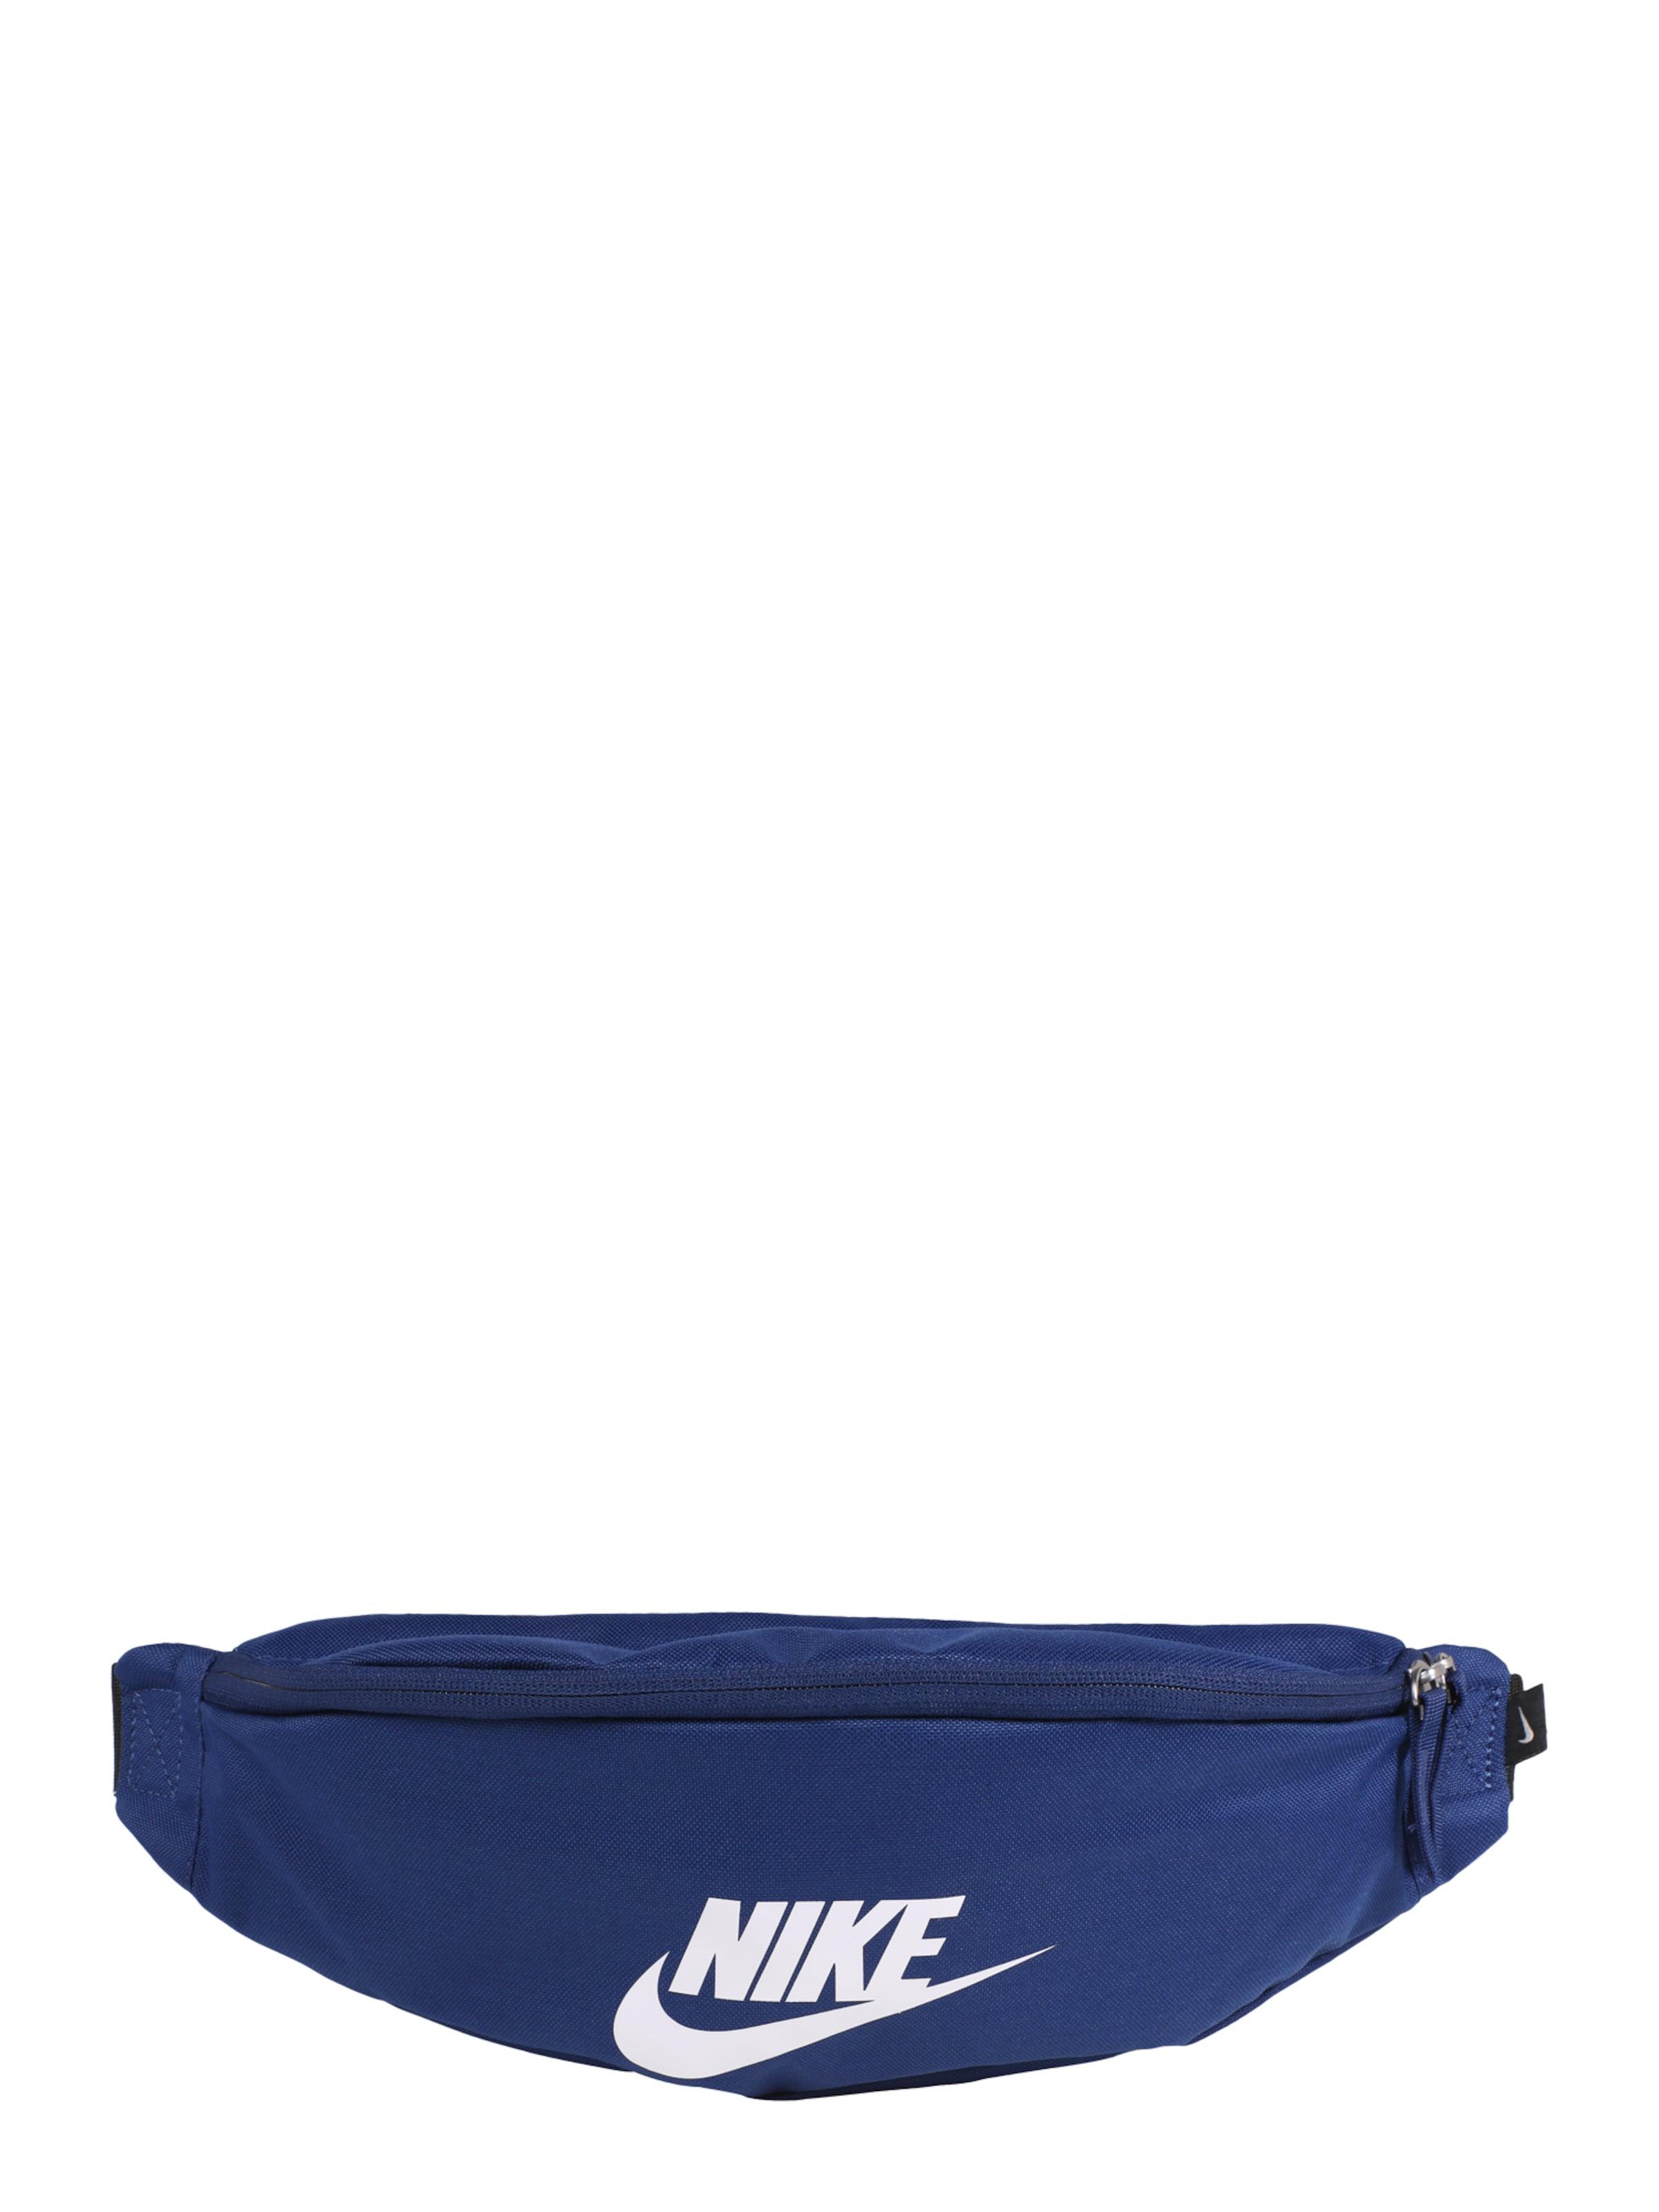 Blau Heuptas In 'heritage' Sportswear Nike ukOPXiZ